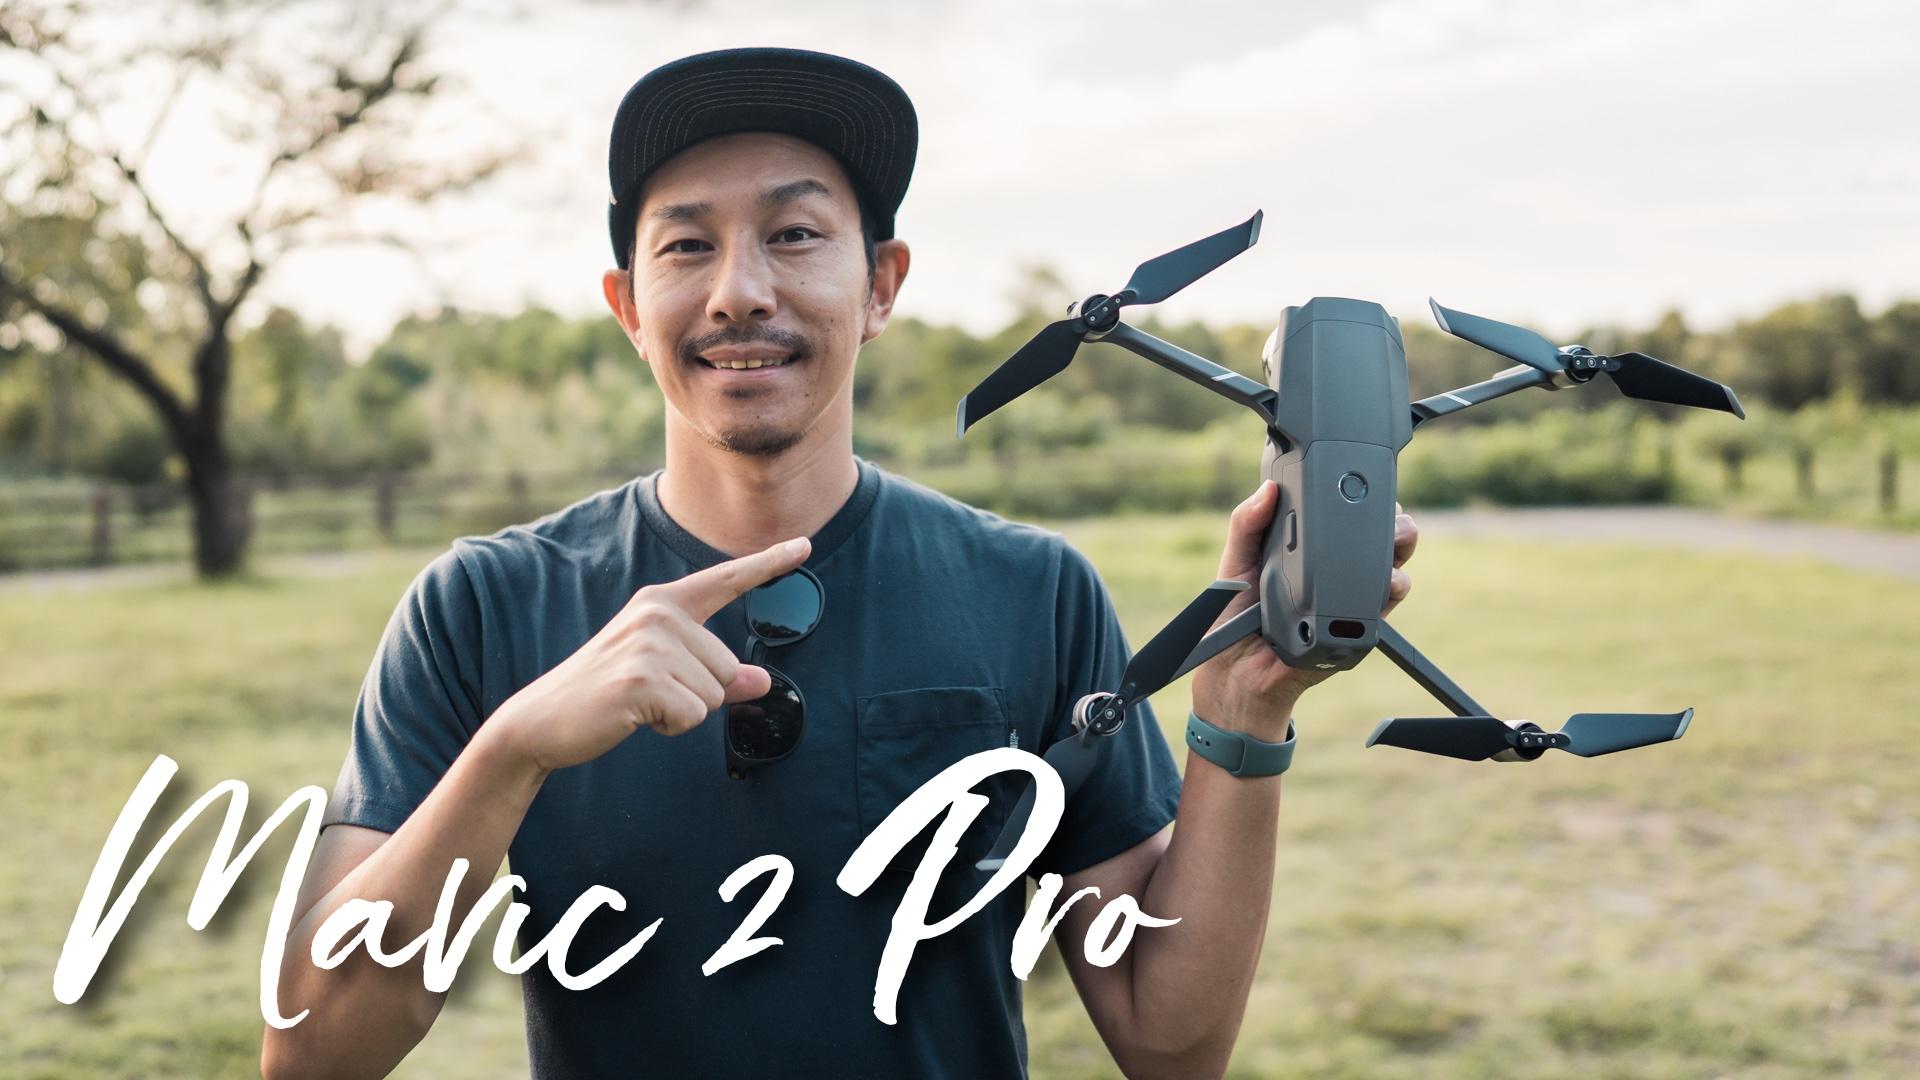 DJI Mavic 2 Pro 3つのナイスな機能を紹介!